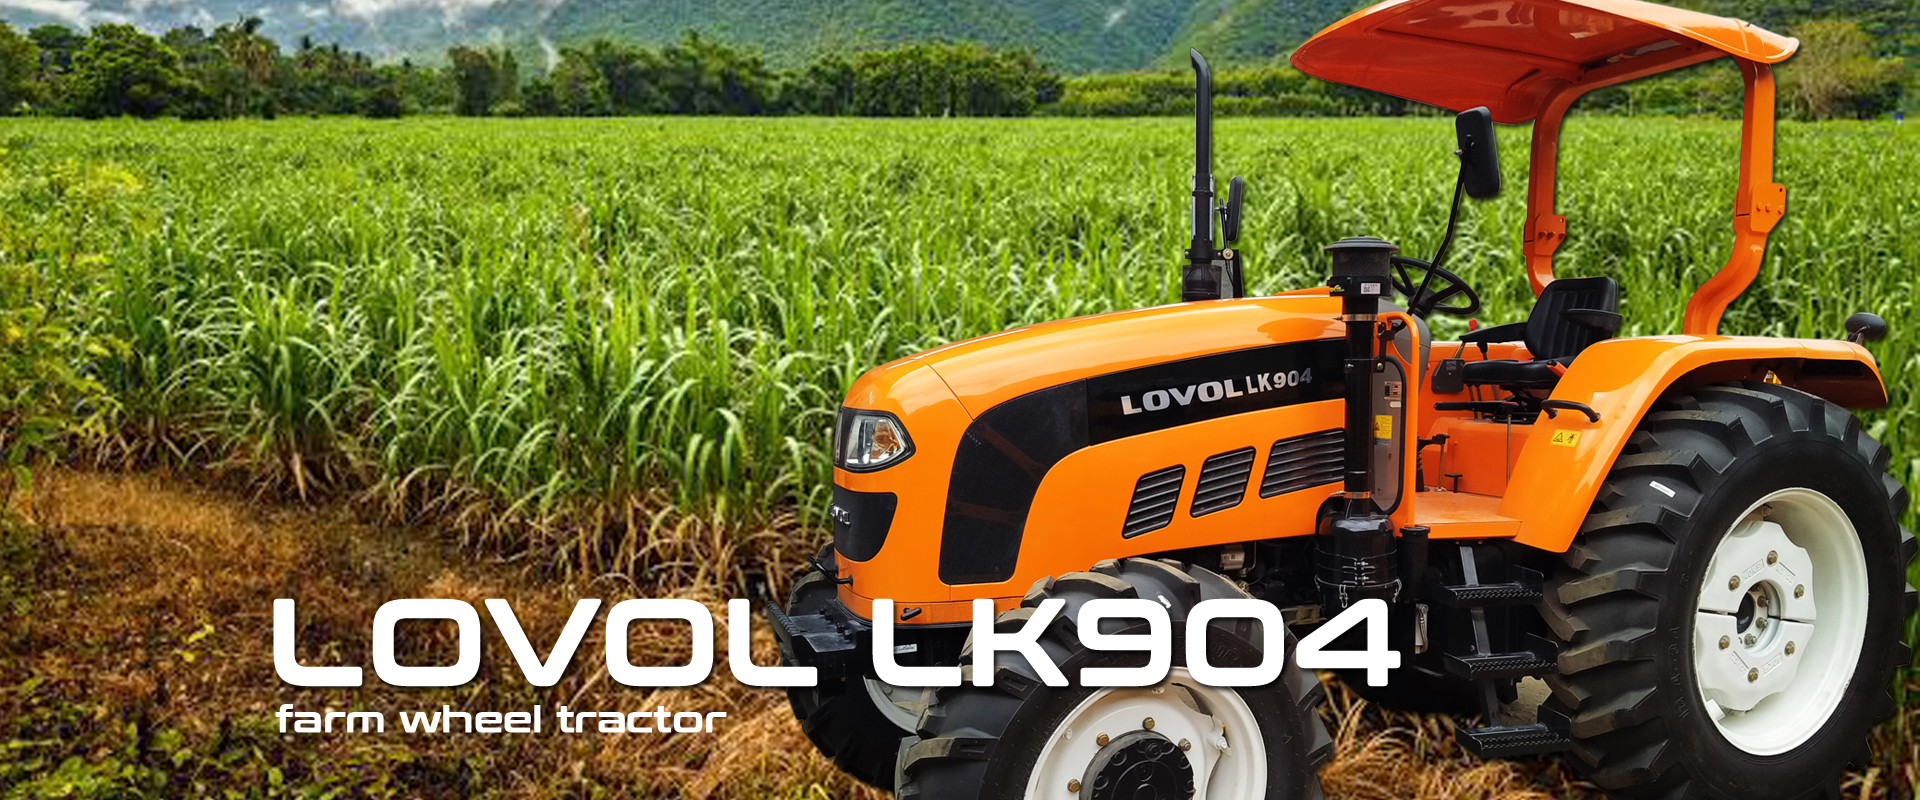 Lovol LK904